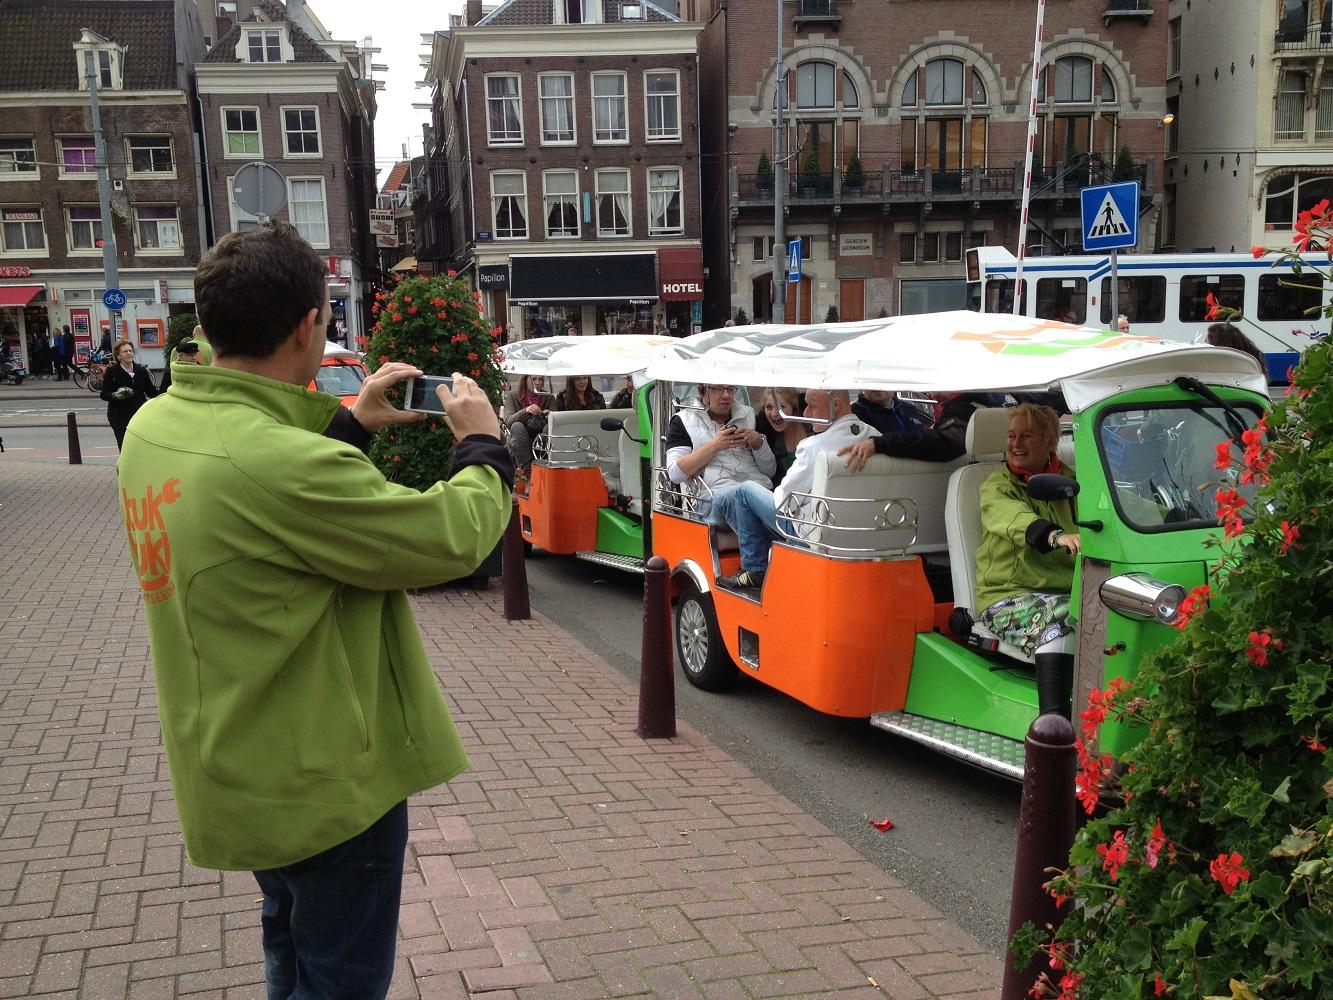 Mein Schiff Ausflug: Stadtrundfahrt im Tuk-Tuk in Amsterdam